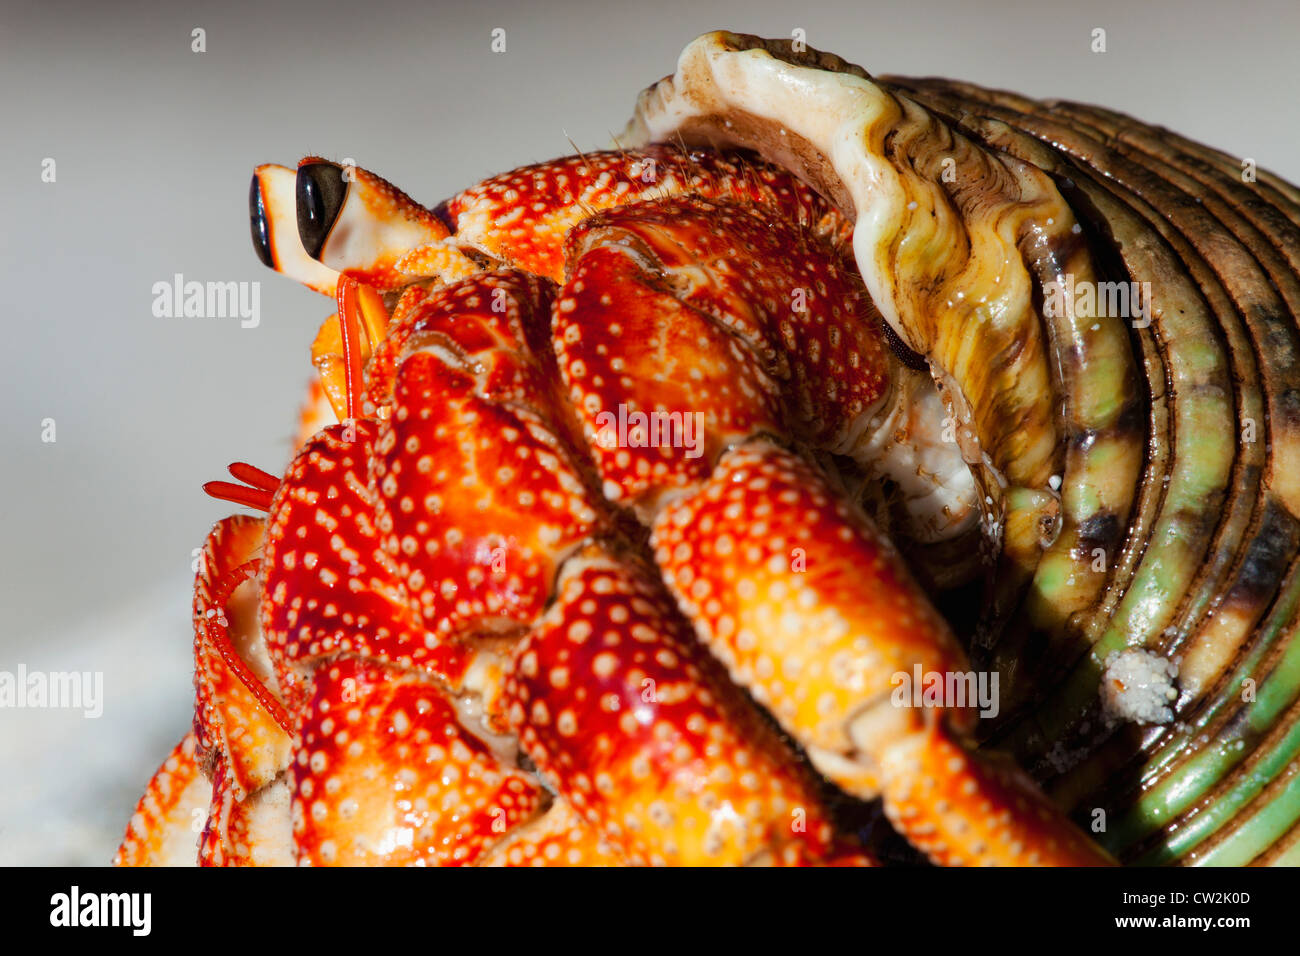 Einsiedlerkrebs (Anomura Spp). Schützen Sie sich mit den leeren Schalen der Weichtiere. Seychellen. Stockbild